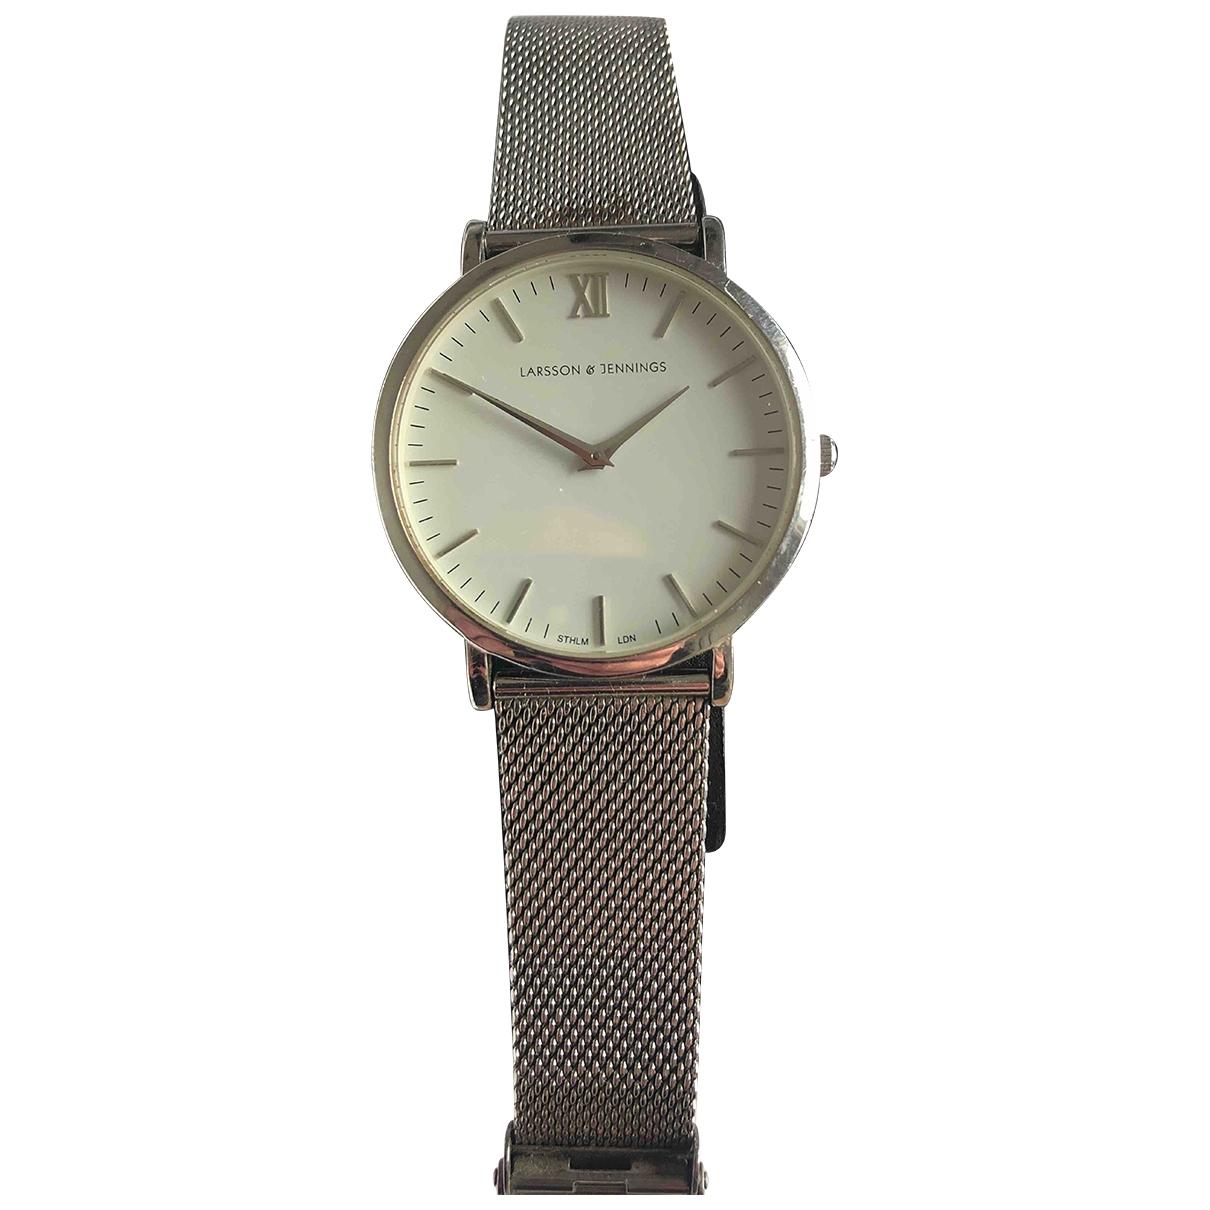 Reloj Larsson & Jennings